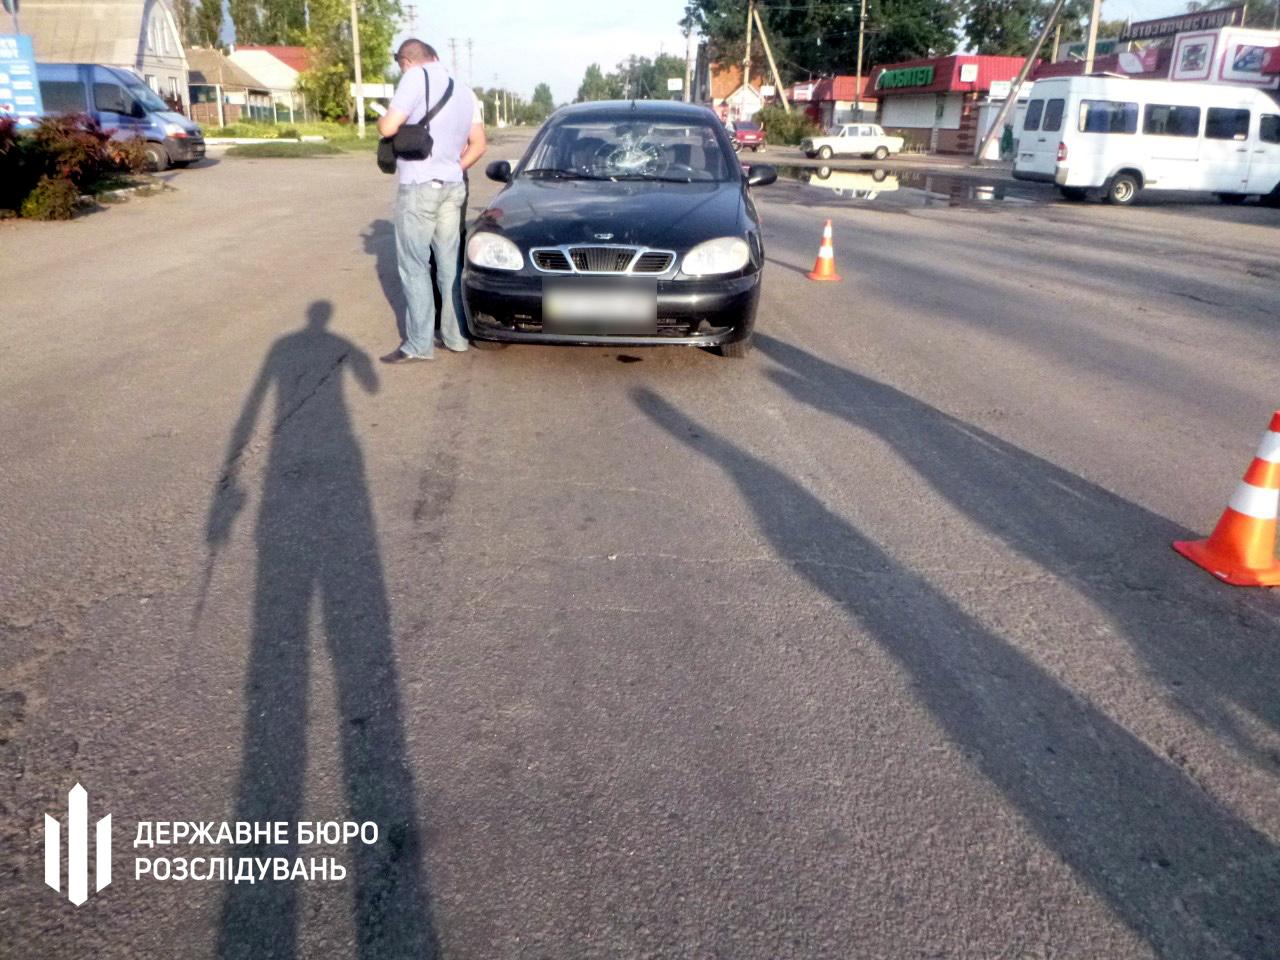 Новости Днепра про Пьяный полицейский сбил женщину в центре города